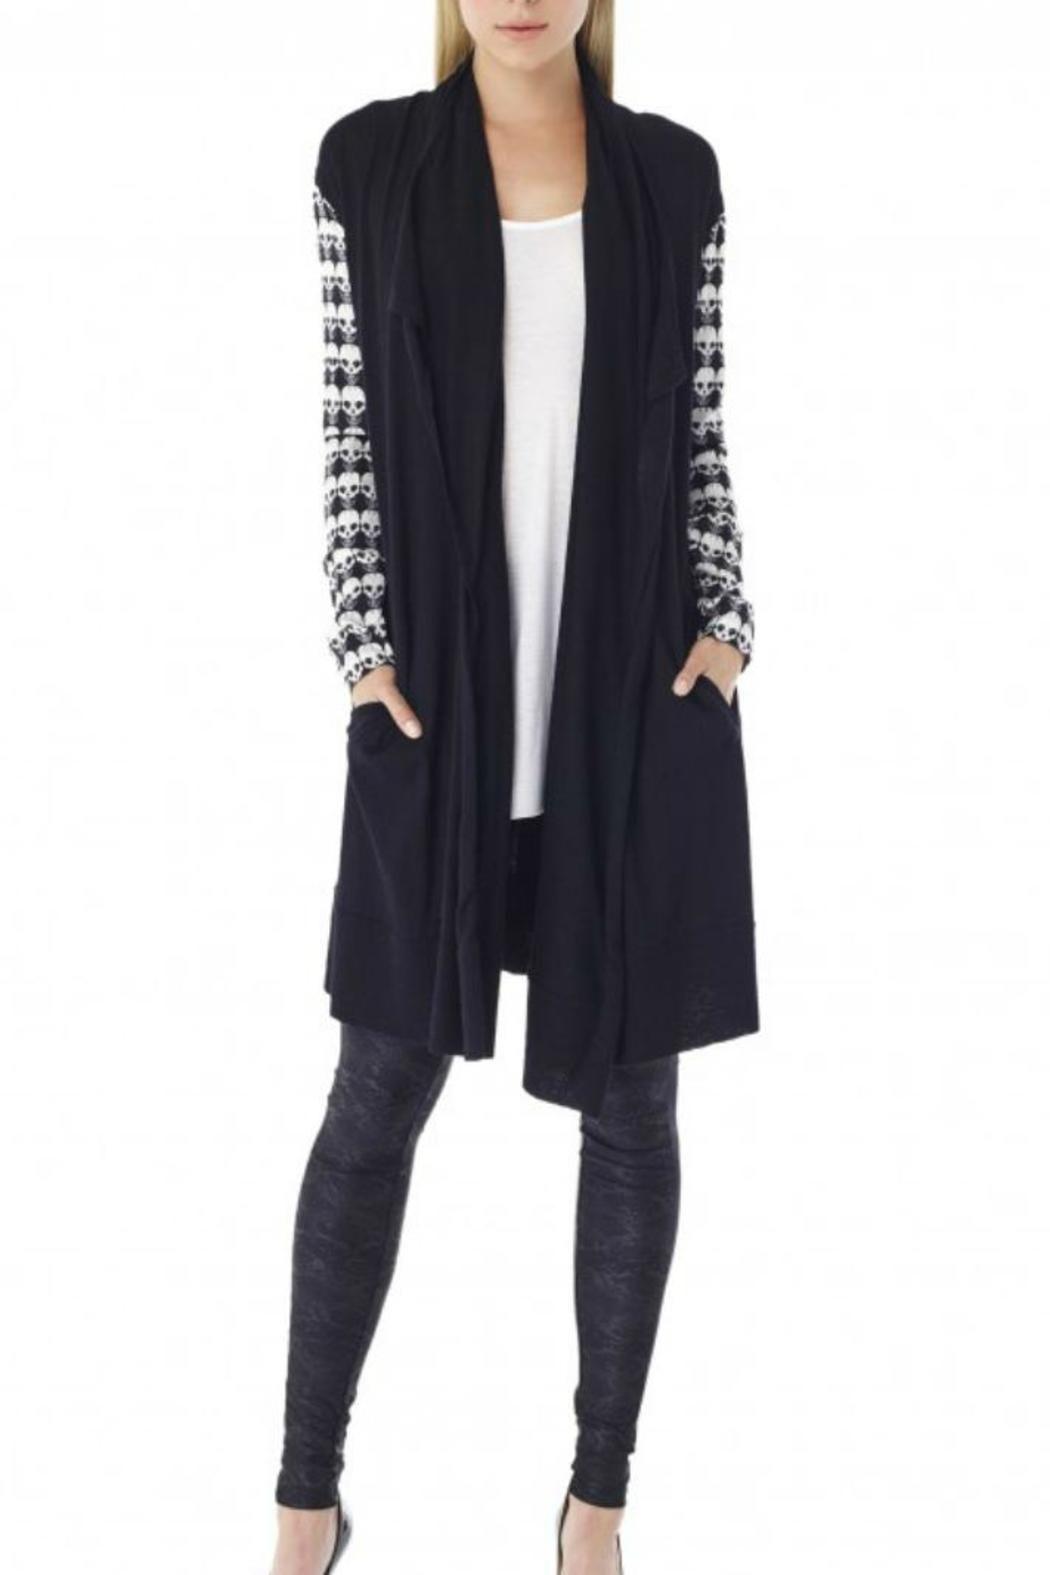 Thomas Wylde Cashmere Sweater Coat | Thomas wylde, Cashmere wrap ...